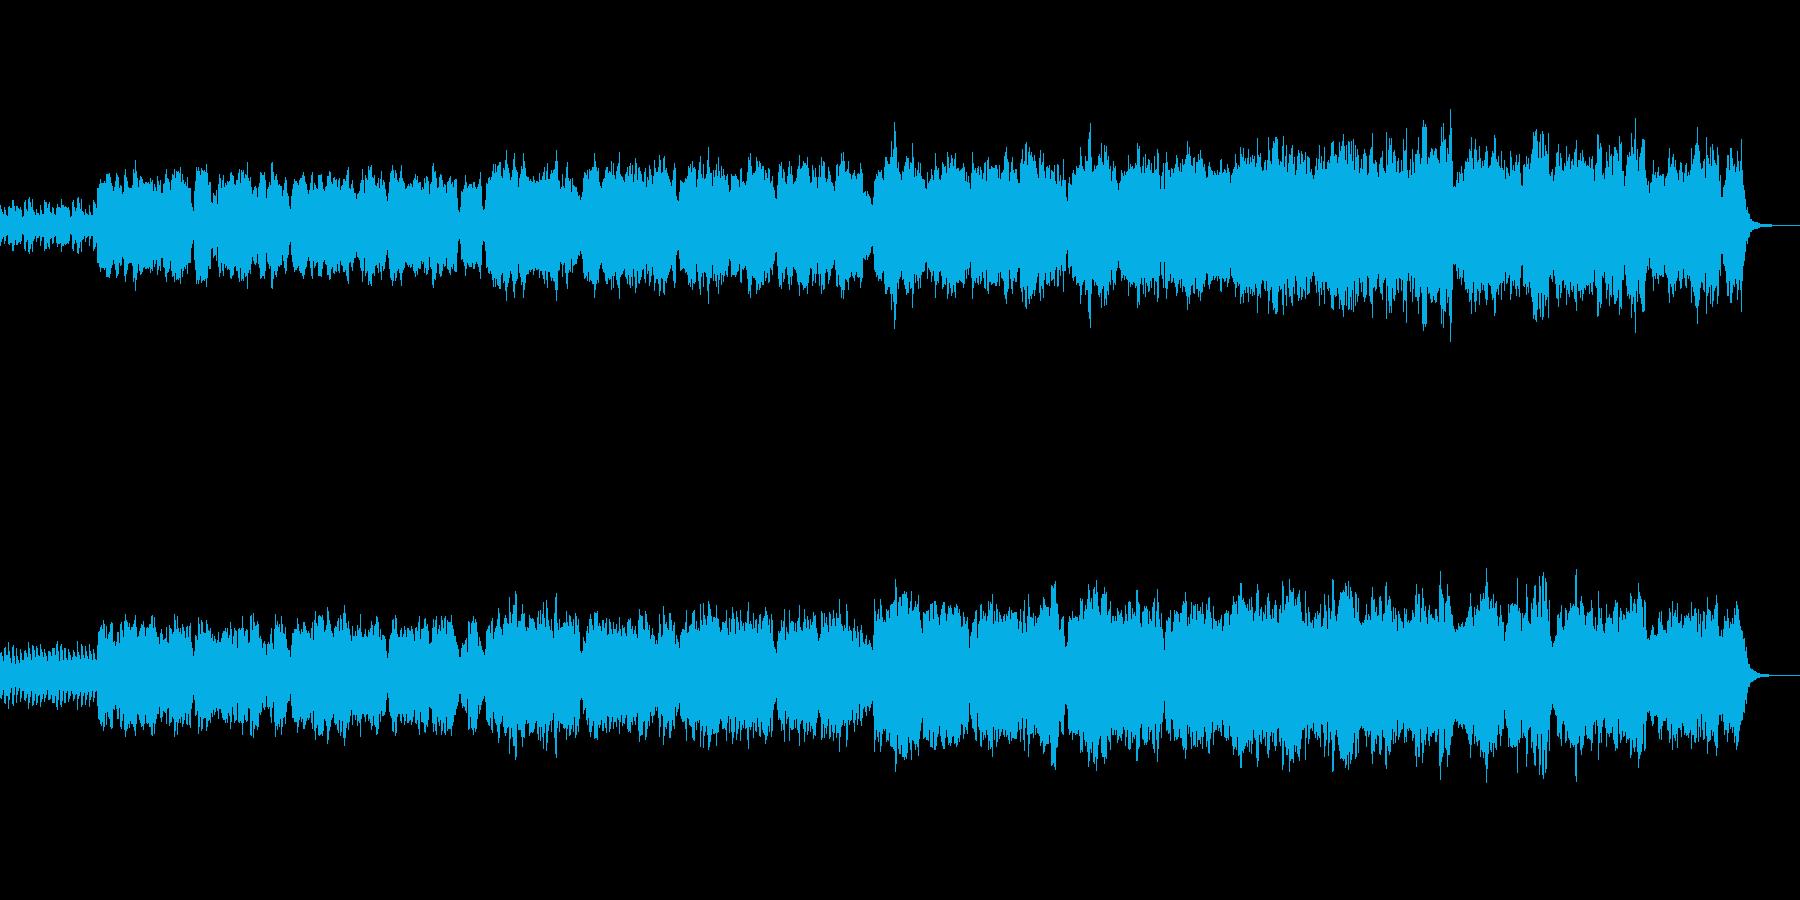 フルートとハープシコードの幻想曲の再生済みの波形